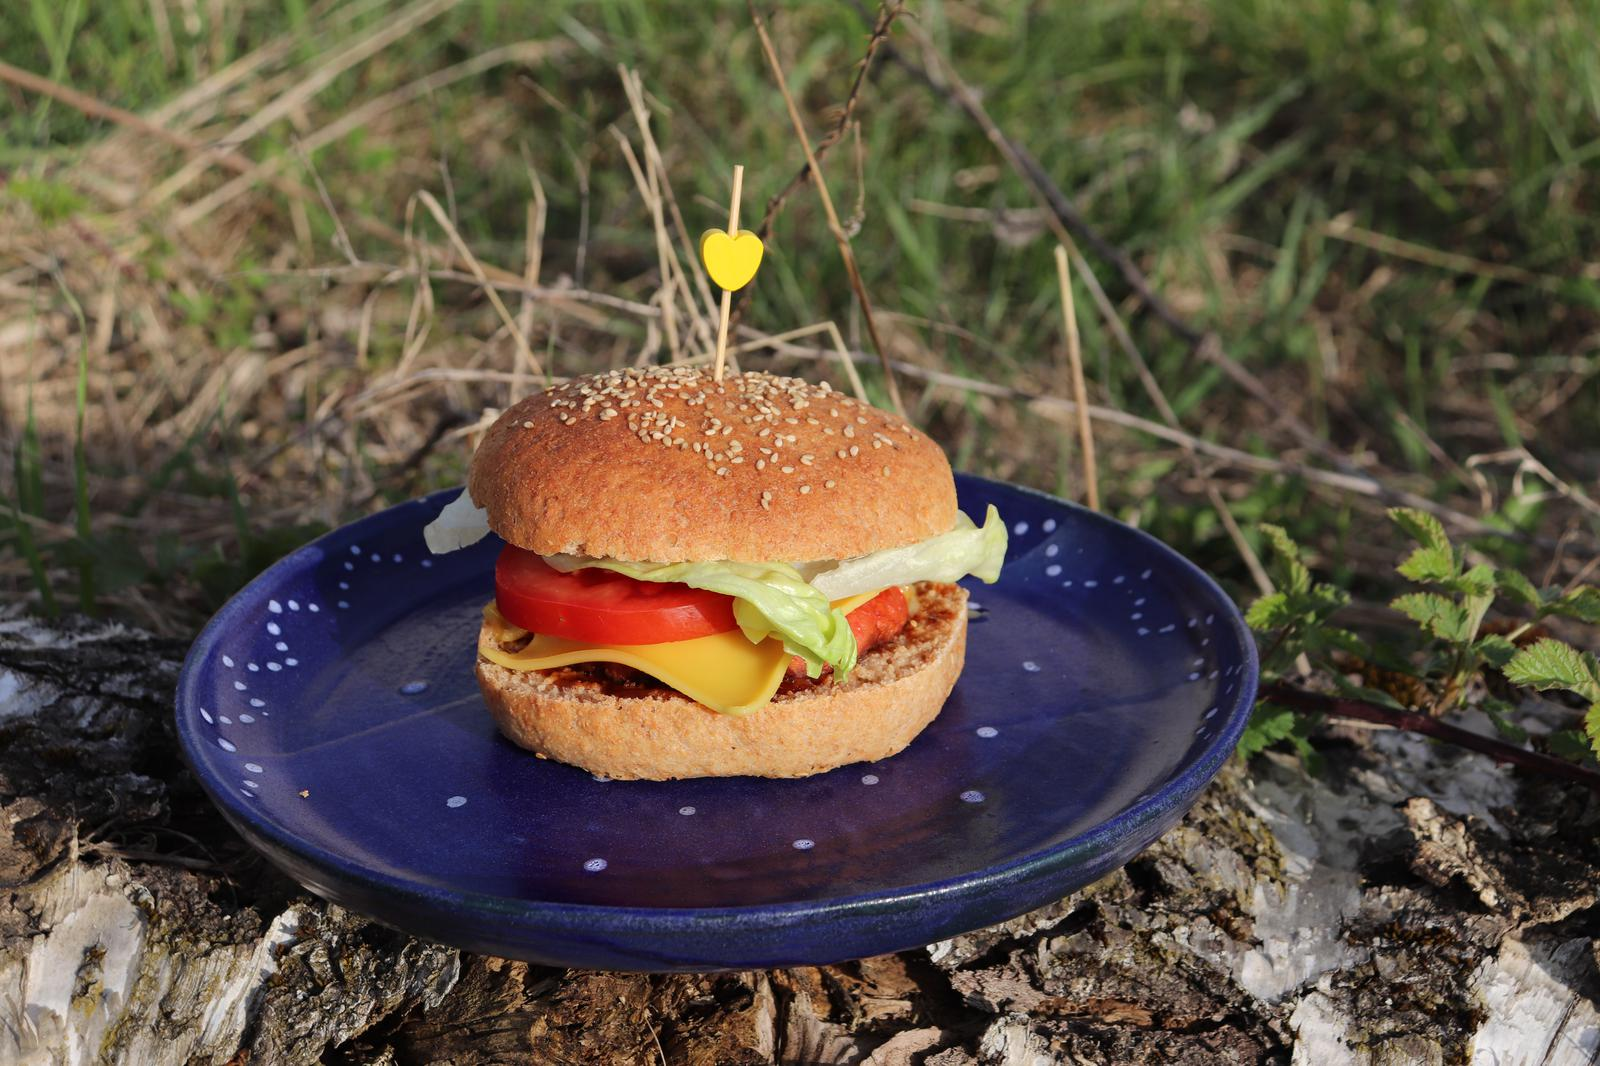 Vegane Vollkorn-Burger-Buns|Vollkorn Burger Buns|Vegane Vollkorn Burger Buns|Vegane Vollkorn Burgerbrötchen|vollwertige Burger Buns|Vollwertige Burgerbrötchen|vegane Burgerbrötchen|vegane Burger Buns|Burgerbuns|vegane Burgerbuns|vegane Burgerbrötchen|vegan und vollwertig|vegane Vollwertküche|vollwertig und vegan|Vollwertküche|vegane Familienküche|vegane Familienrezepte|